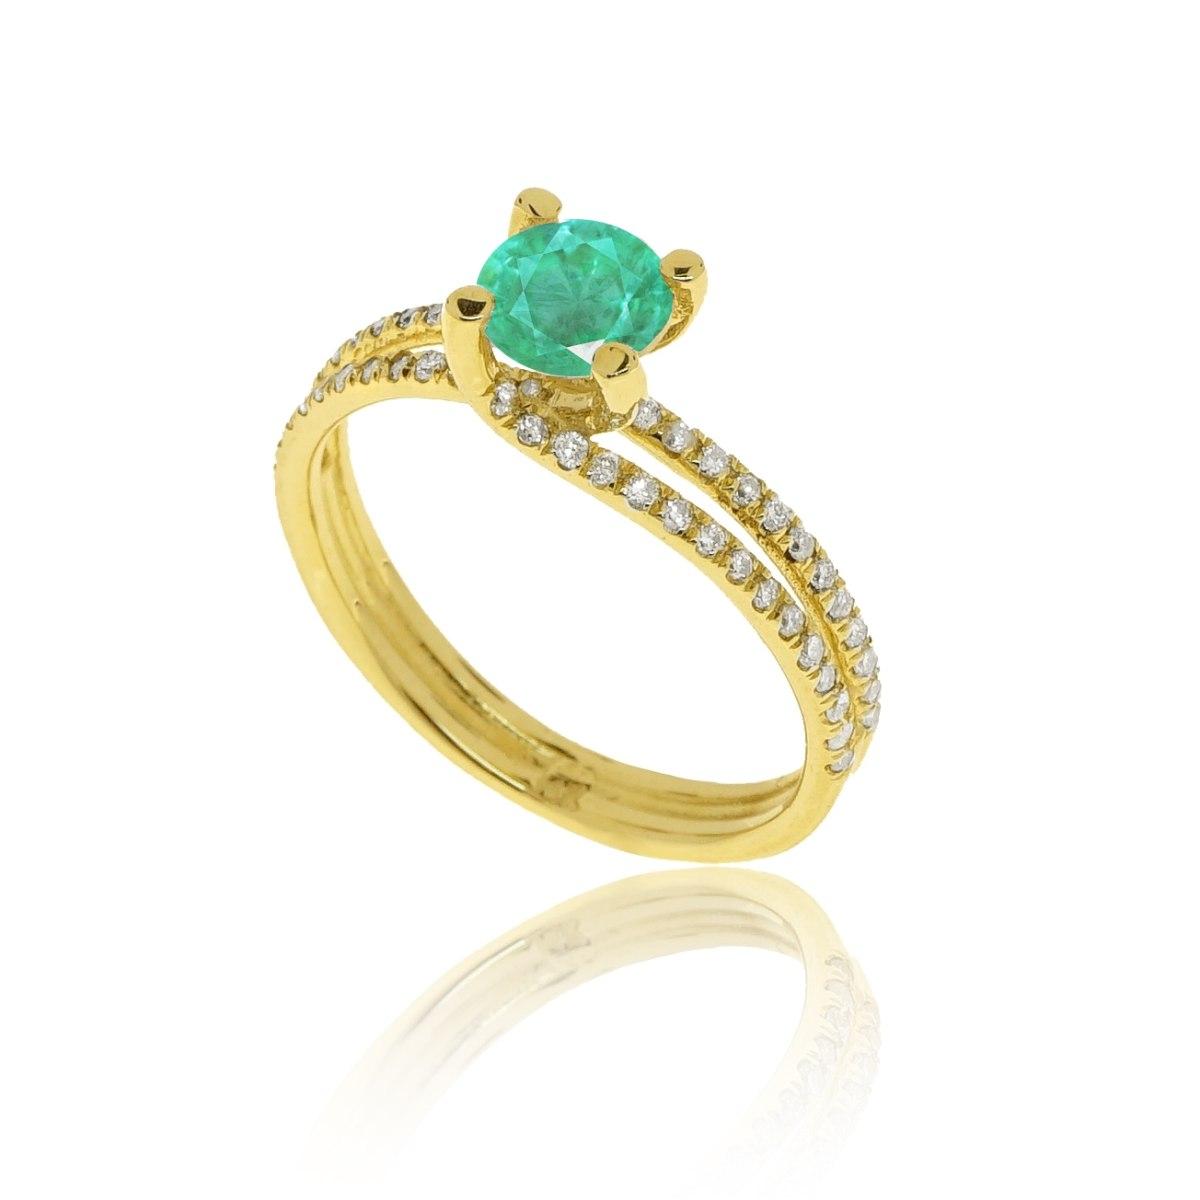 טבעת מעוצבת יהלומים │ טבעת זהב עם יהלומים │ טבעת זהב לאישה עם אמרלד ויהלומים